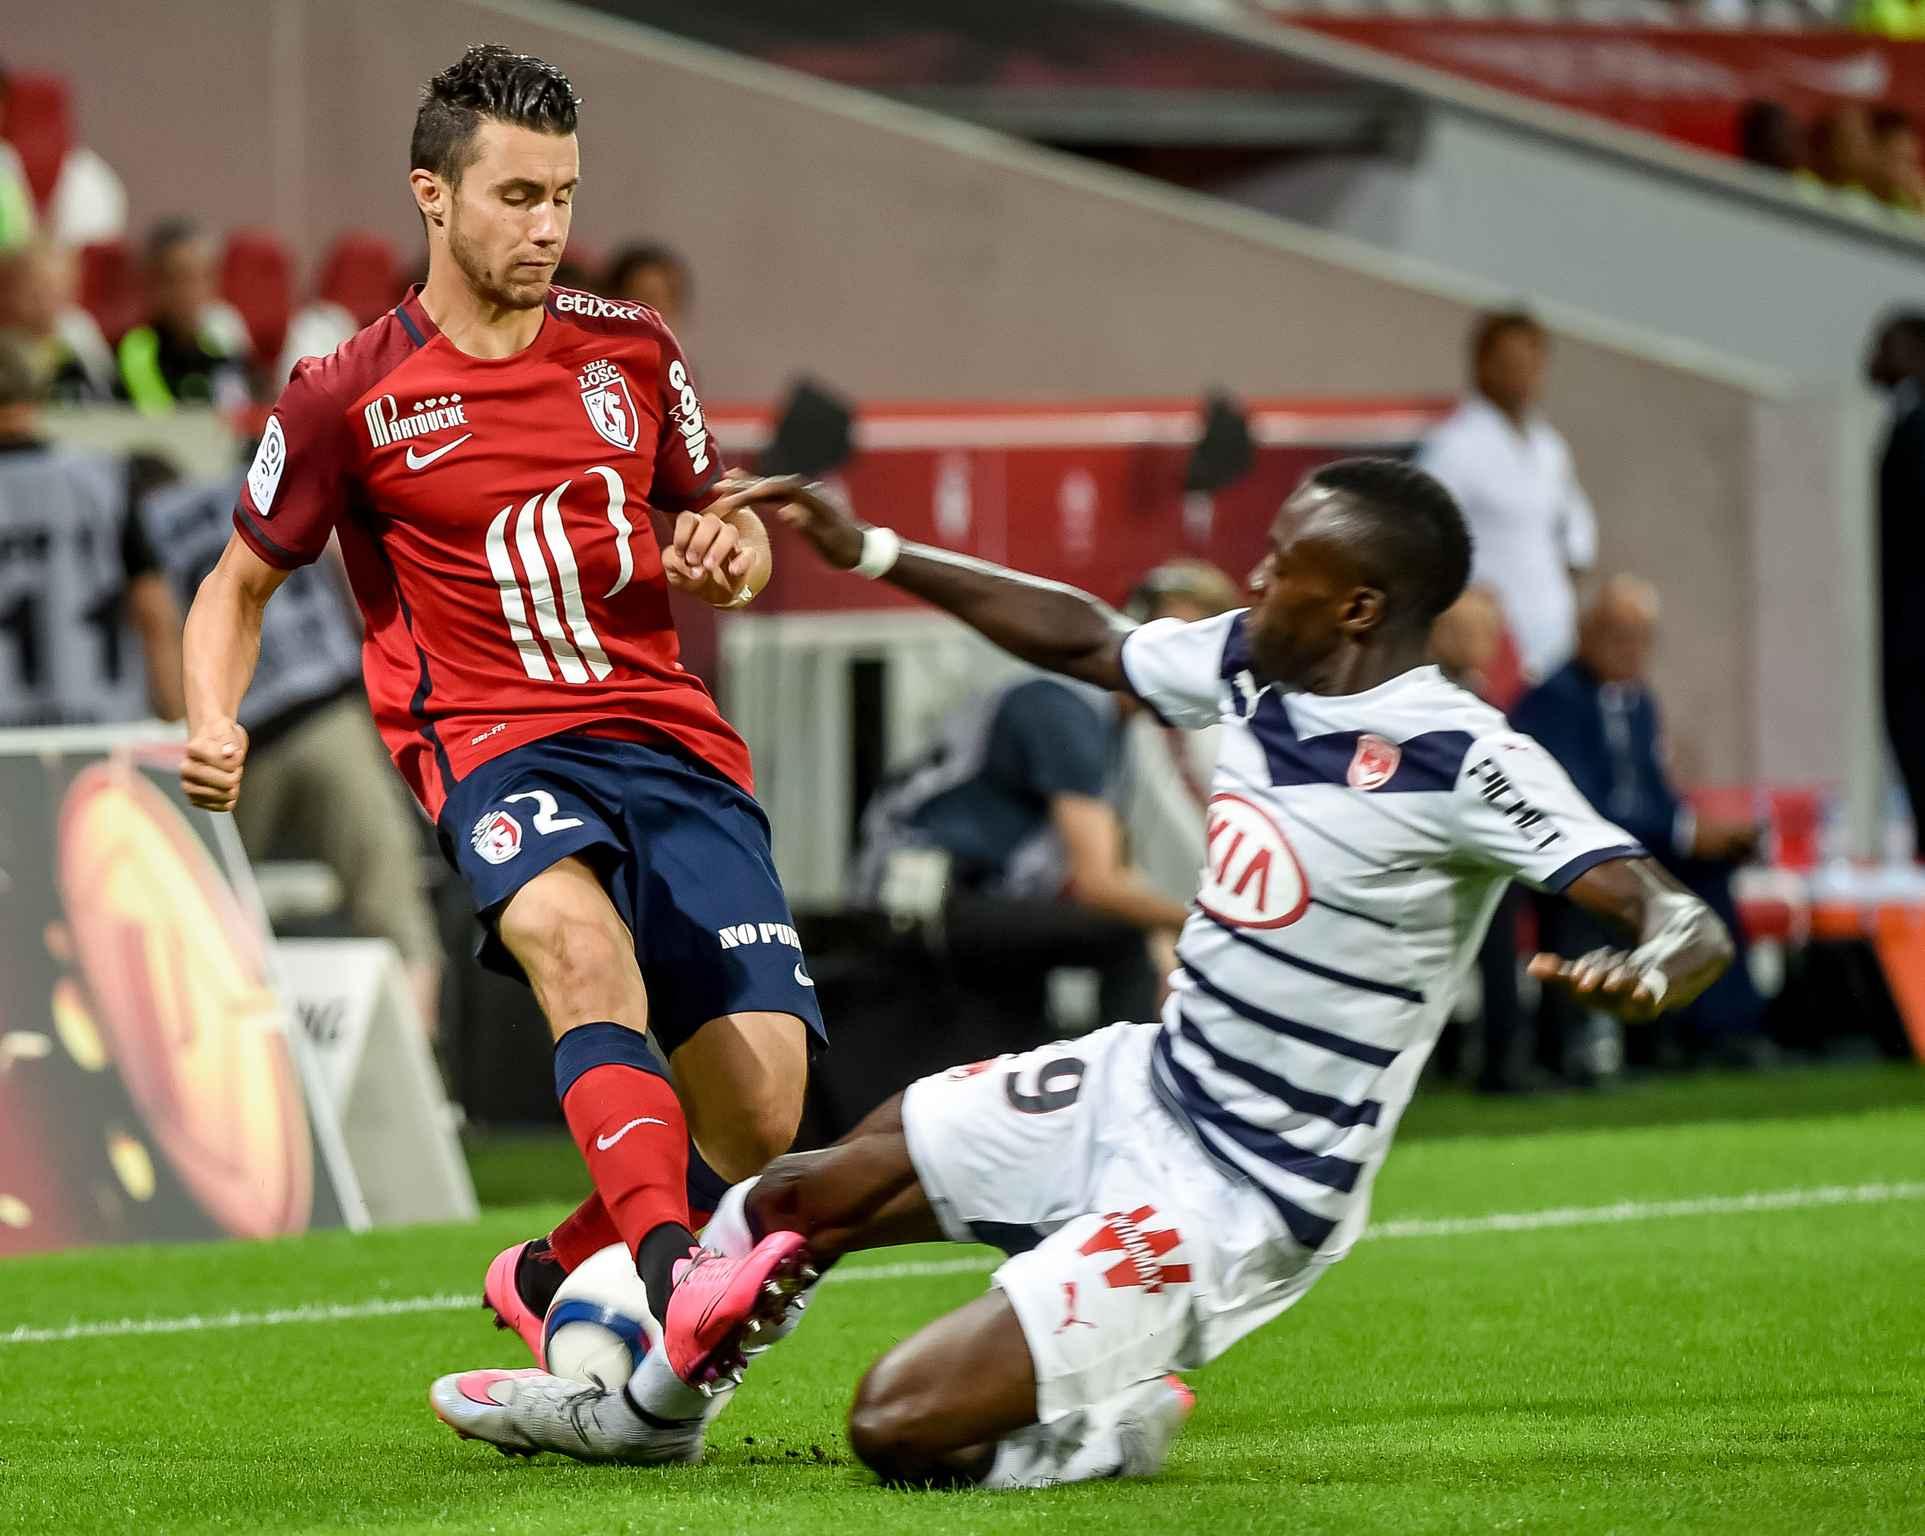 Ligue 1  Le Losc N U0026 39 Est Pas Encore Sorti De L U0026 39 Auberge